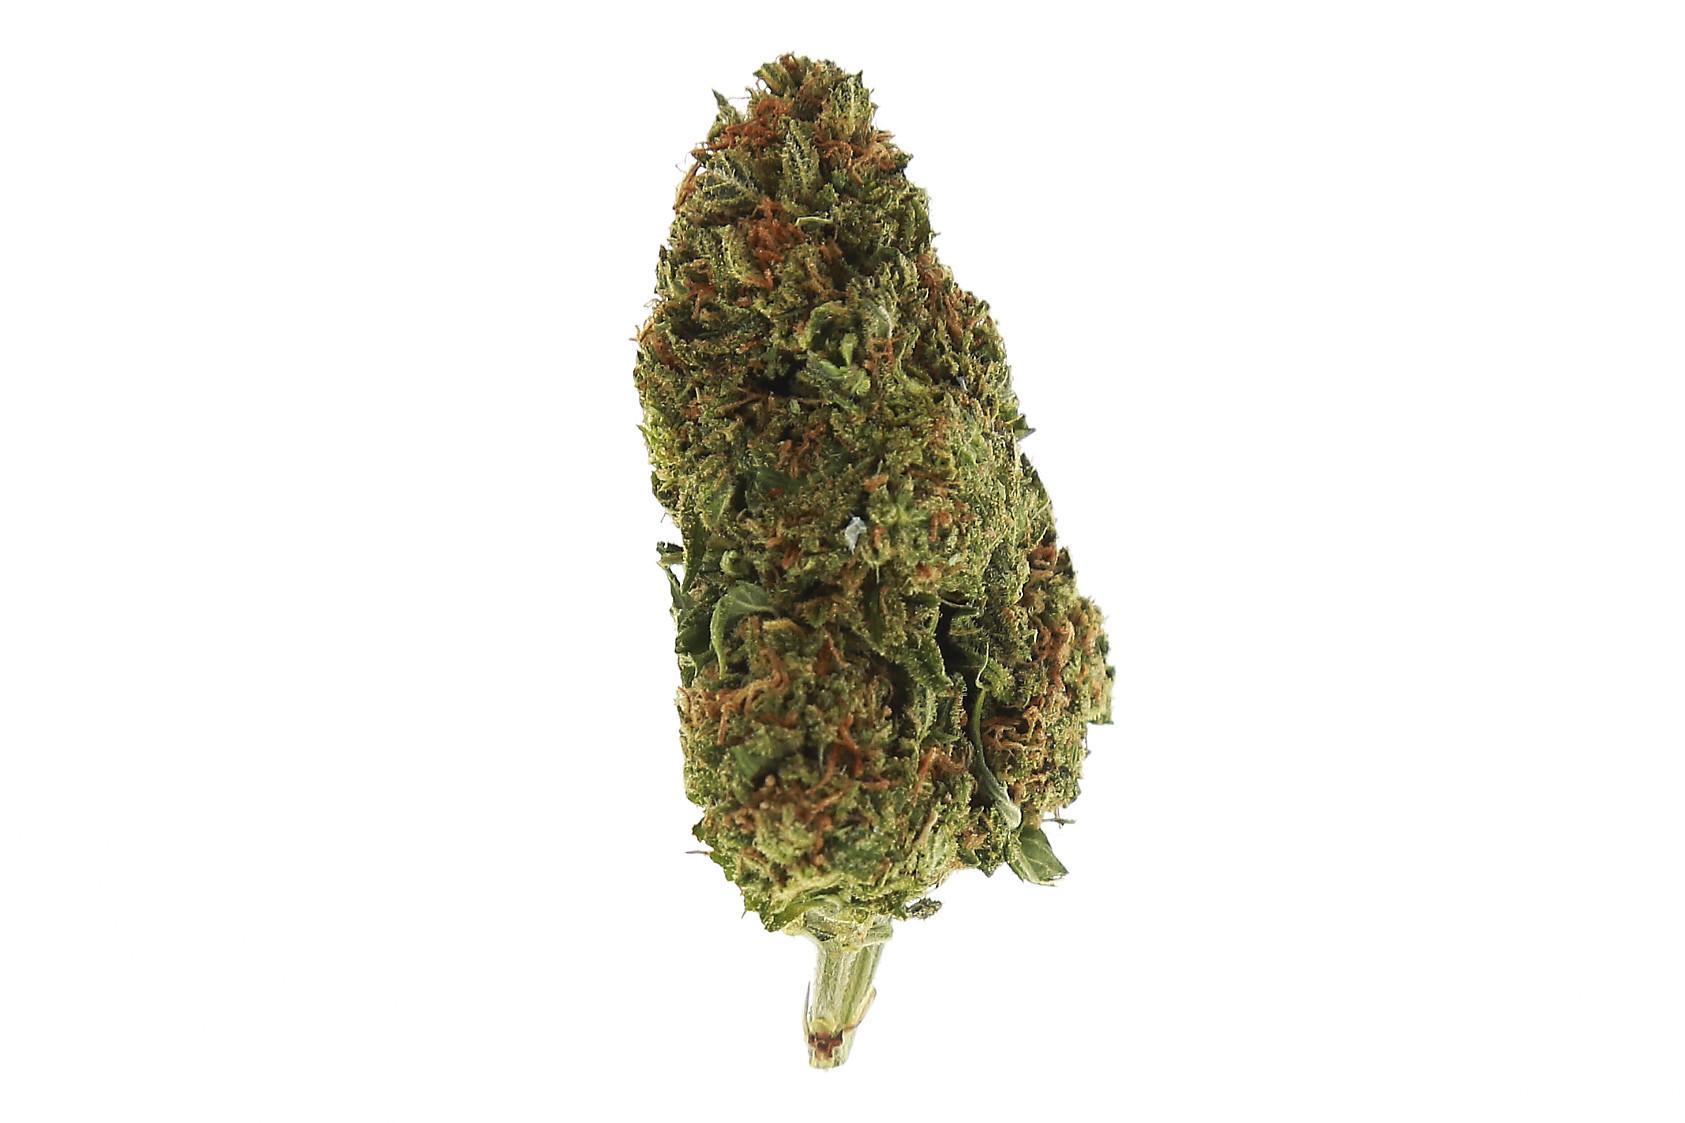 Betty White Weed Strain - SATIVA Marijuana Strains